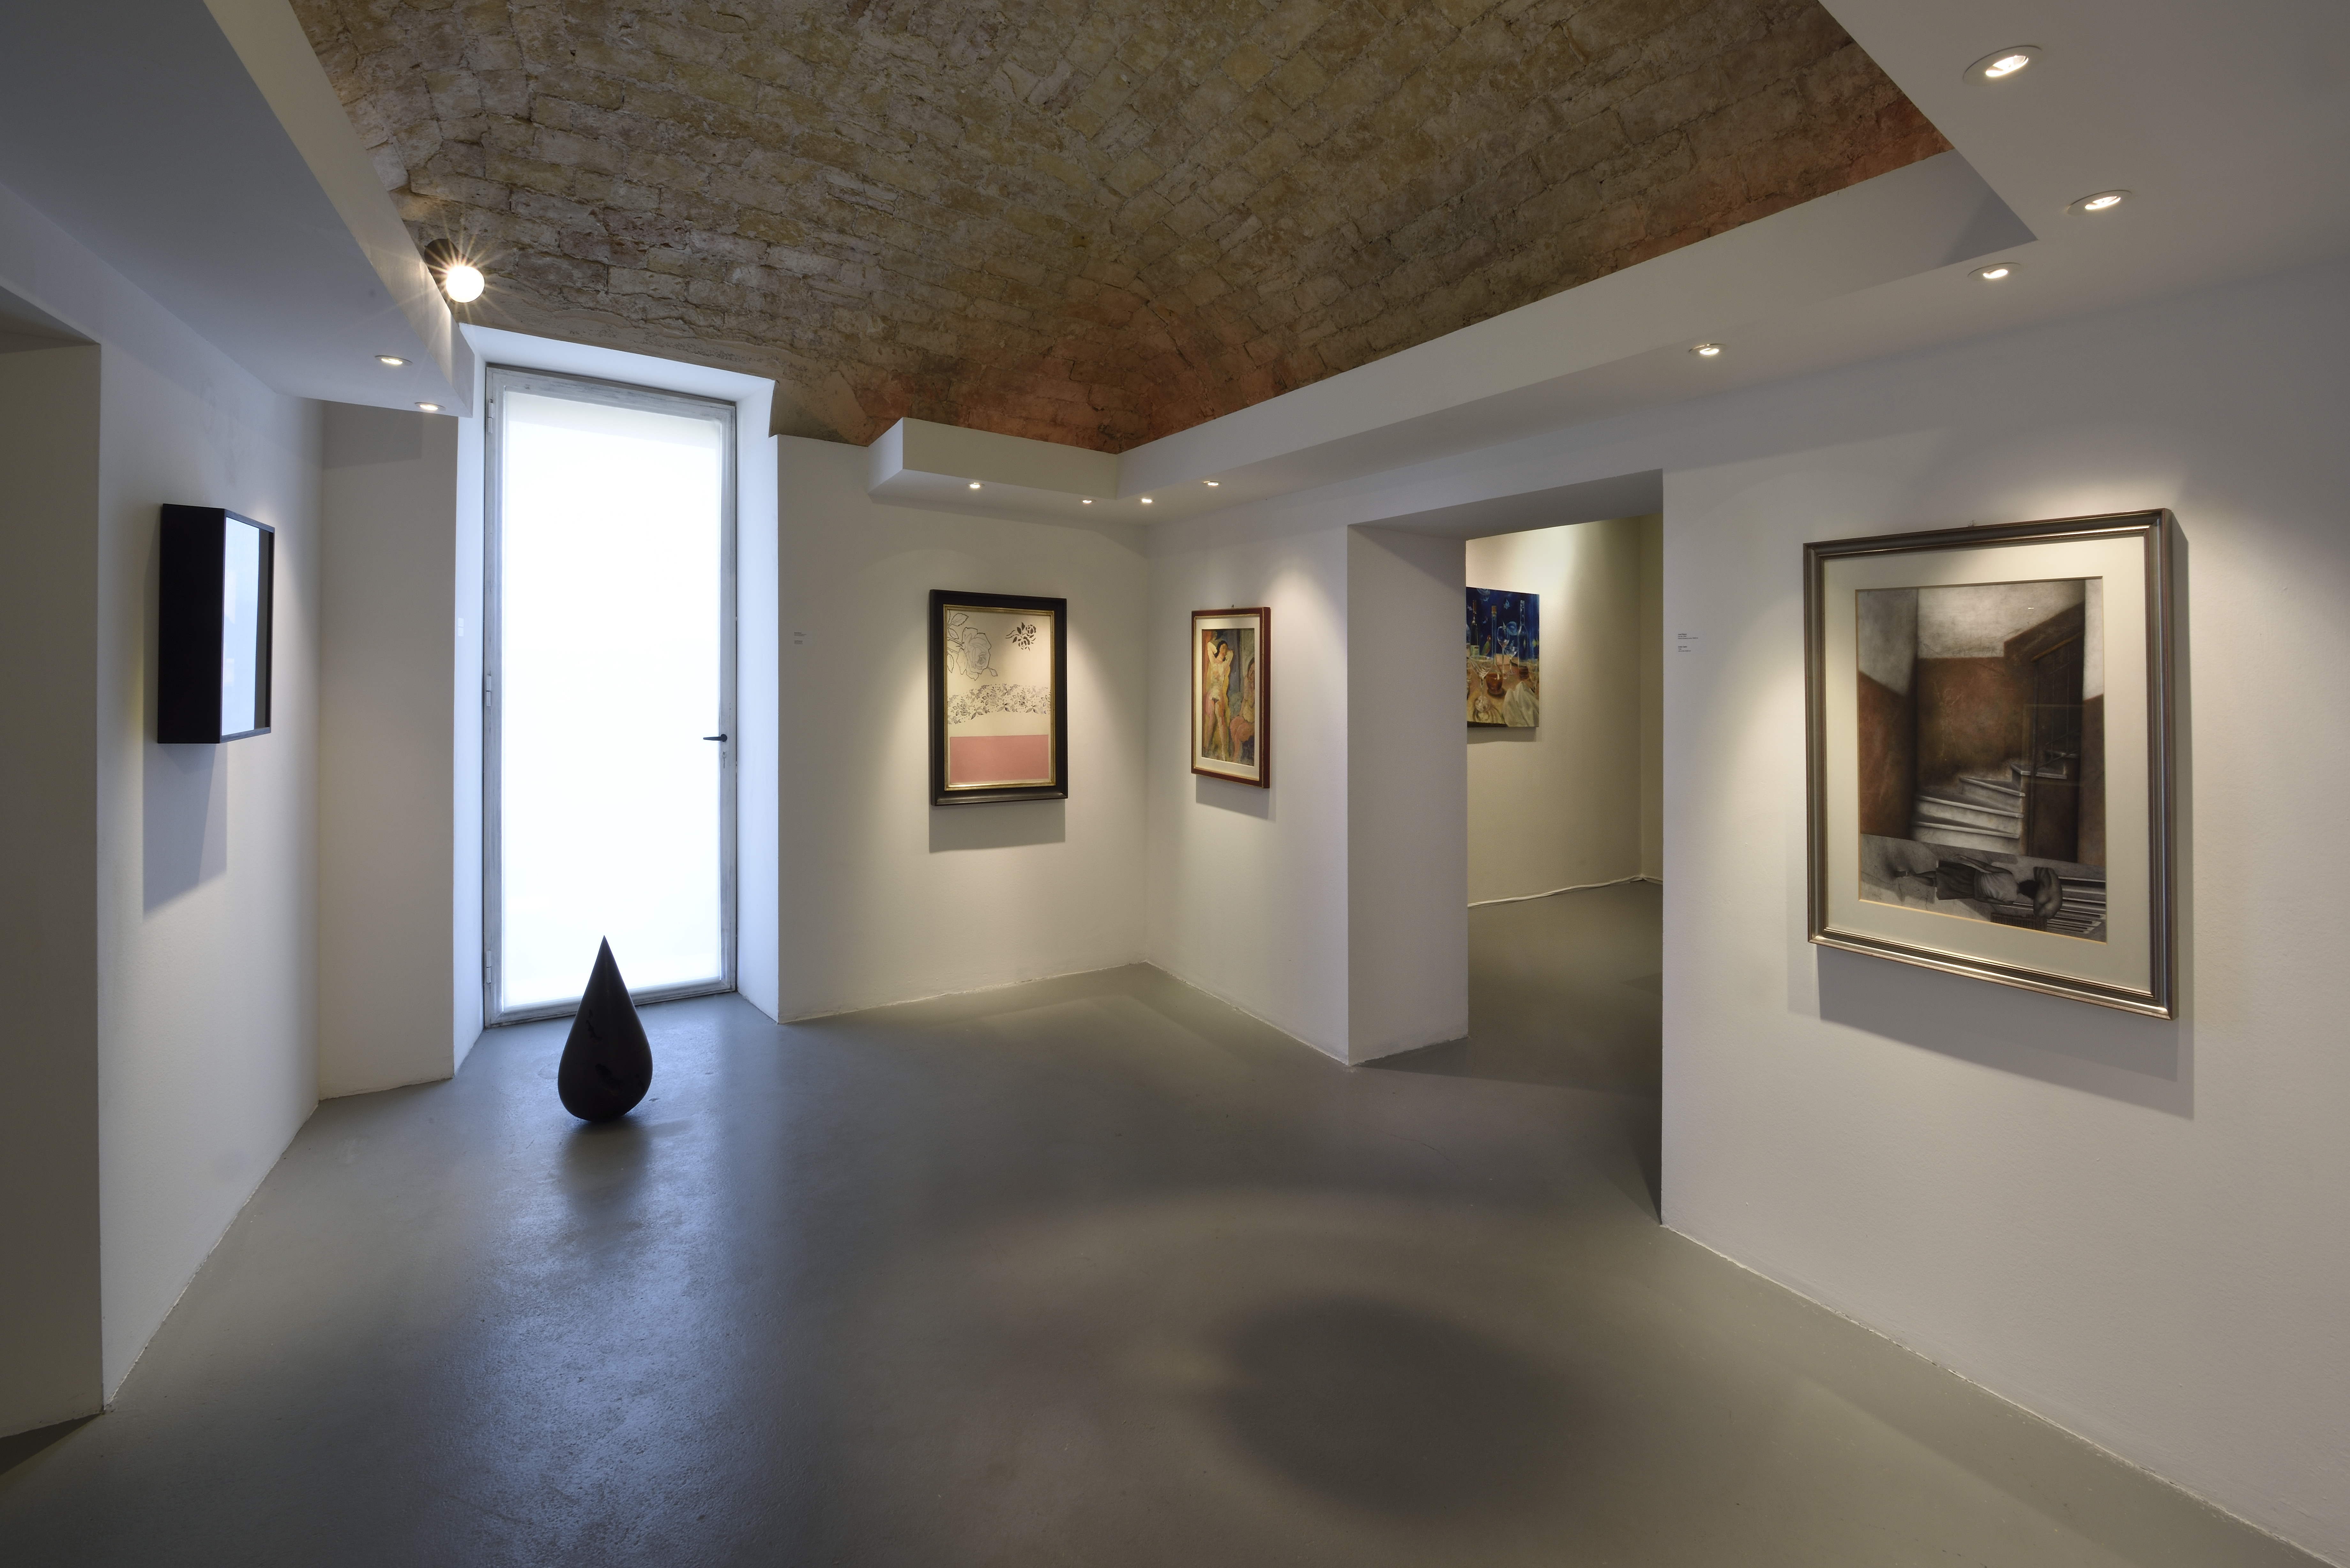 Veduta della mostra Paso Doble - dialoghi sul possibile, Fondazione Malvina Menegaz, Castelbasso (TE) - ph. Gino Di Paolo